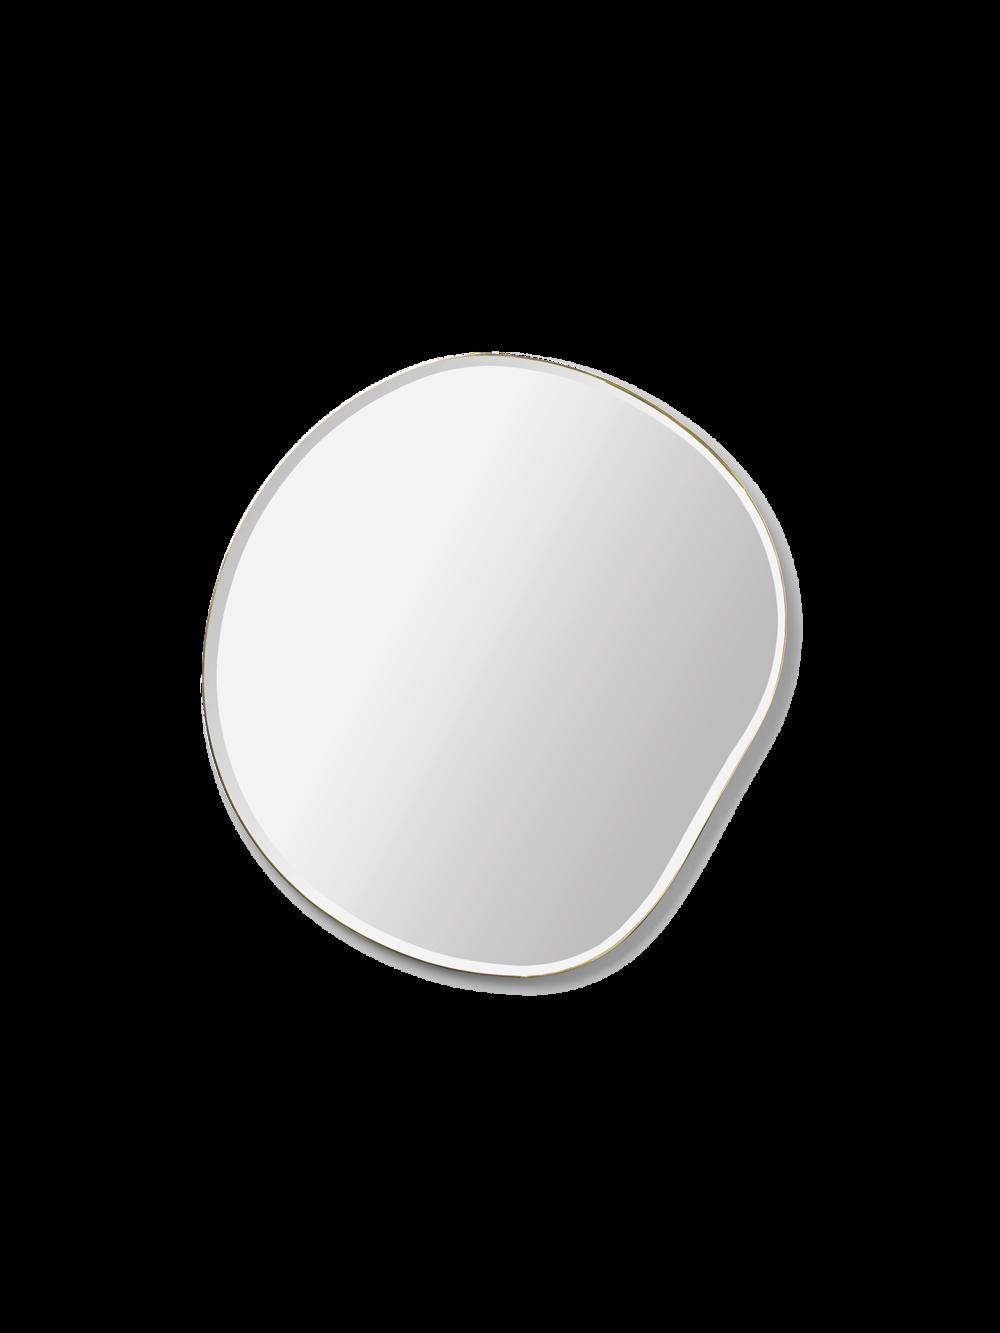 Pond Mirror Small von ferm Living